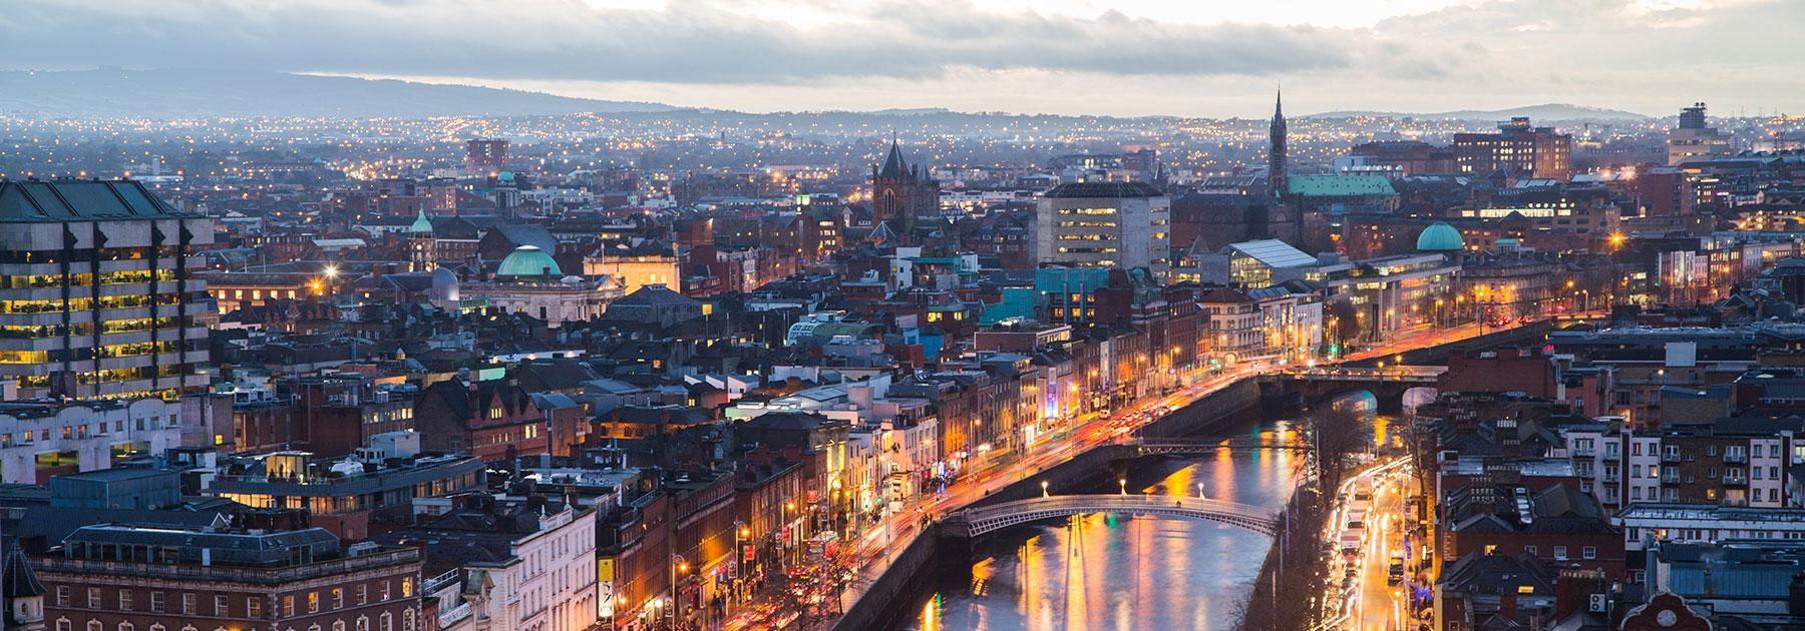 7.-Dublin-at-Night